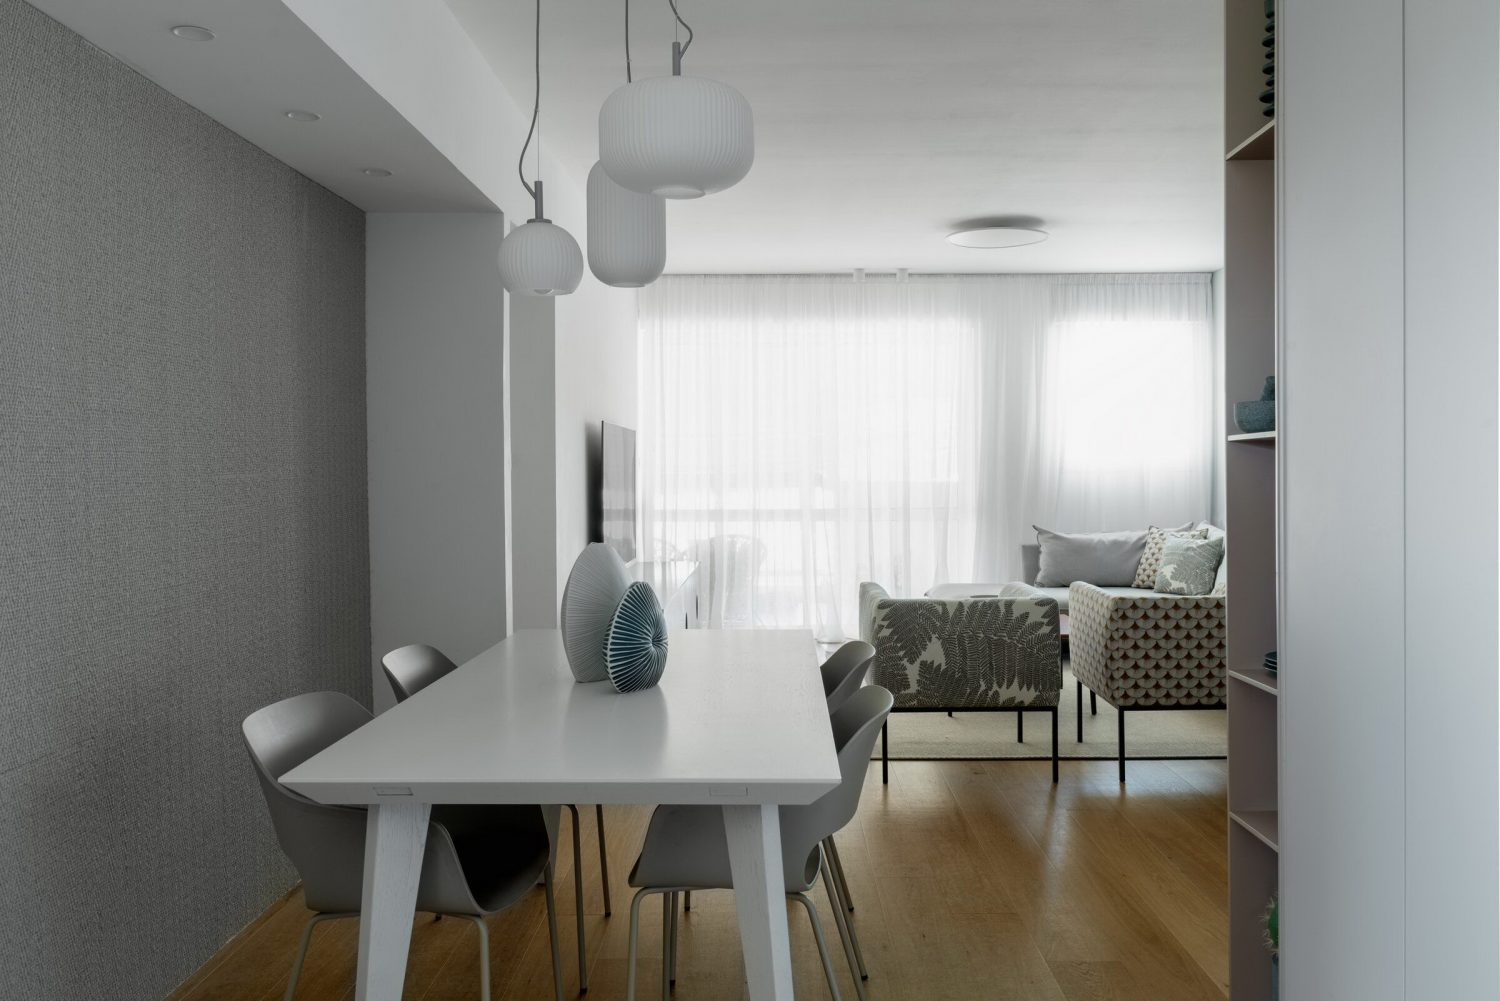 M-Apartment by Vaturi Design